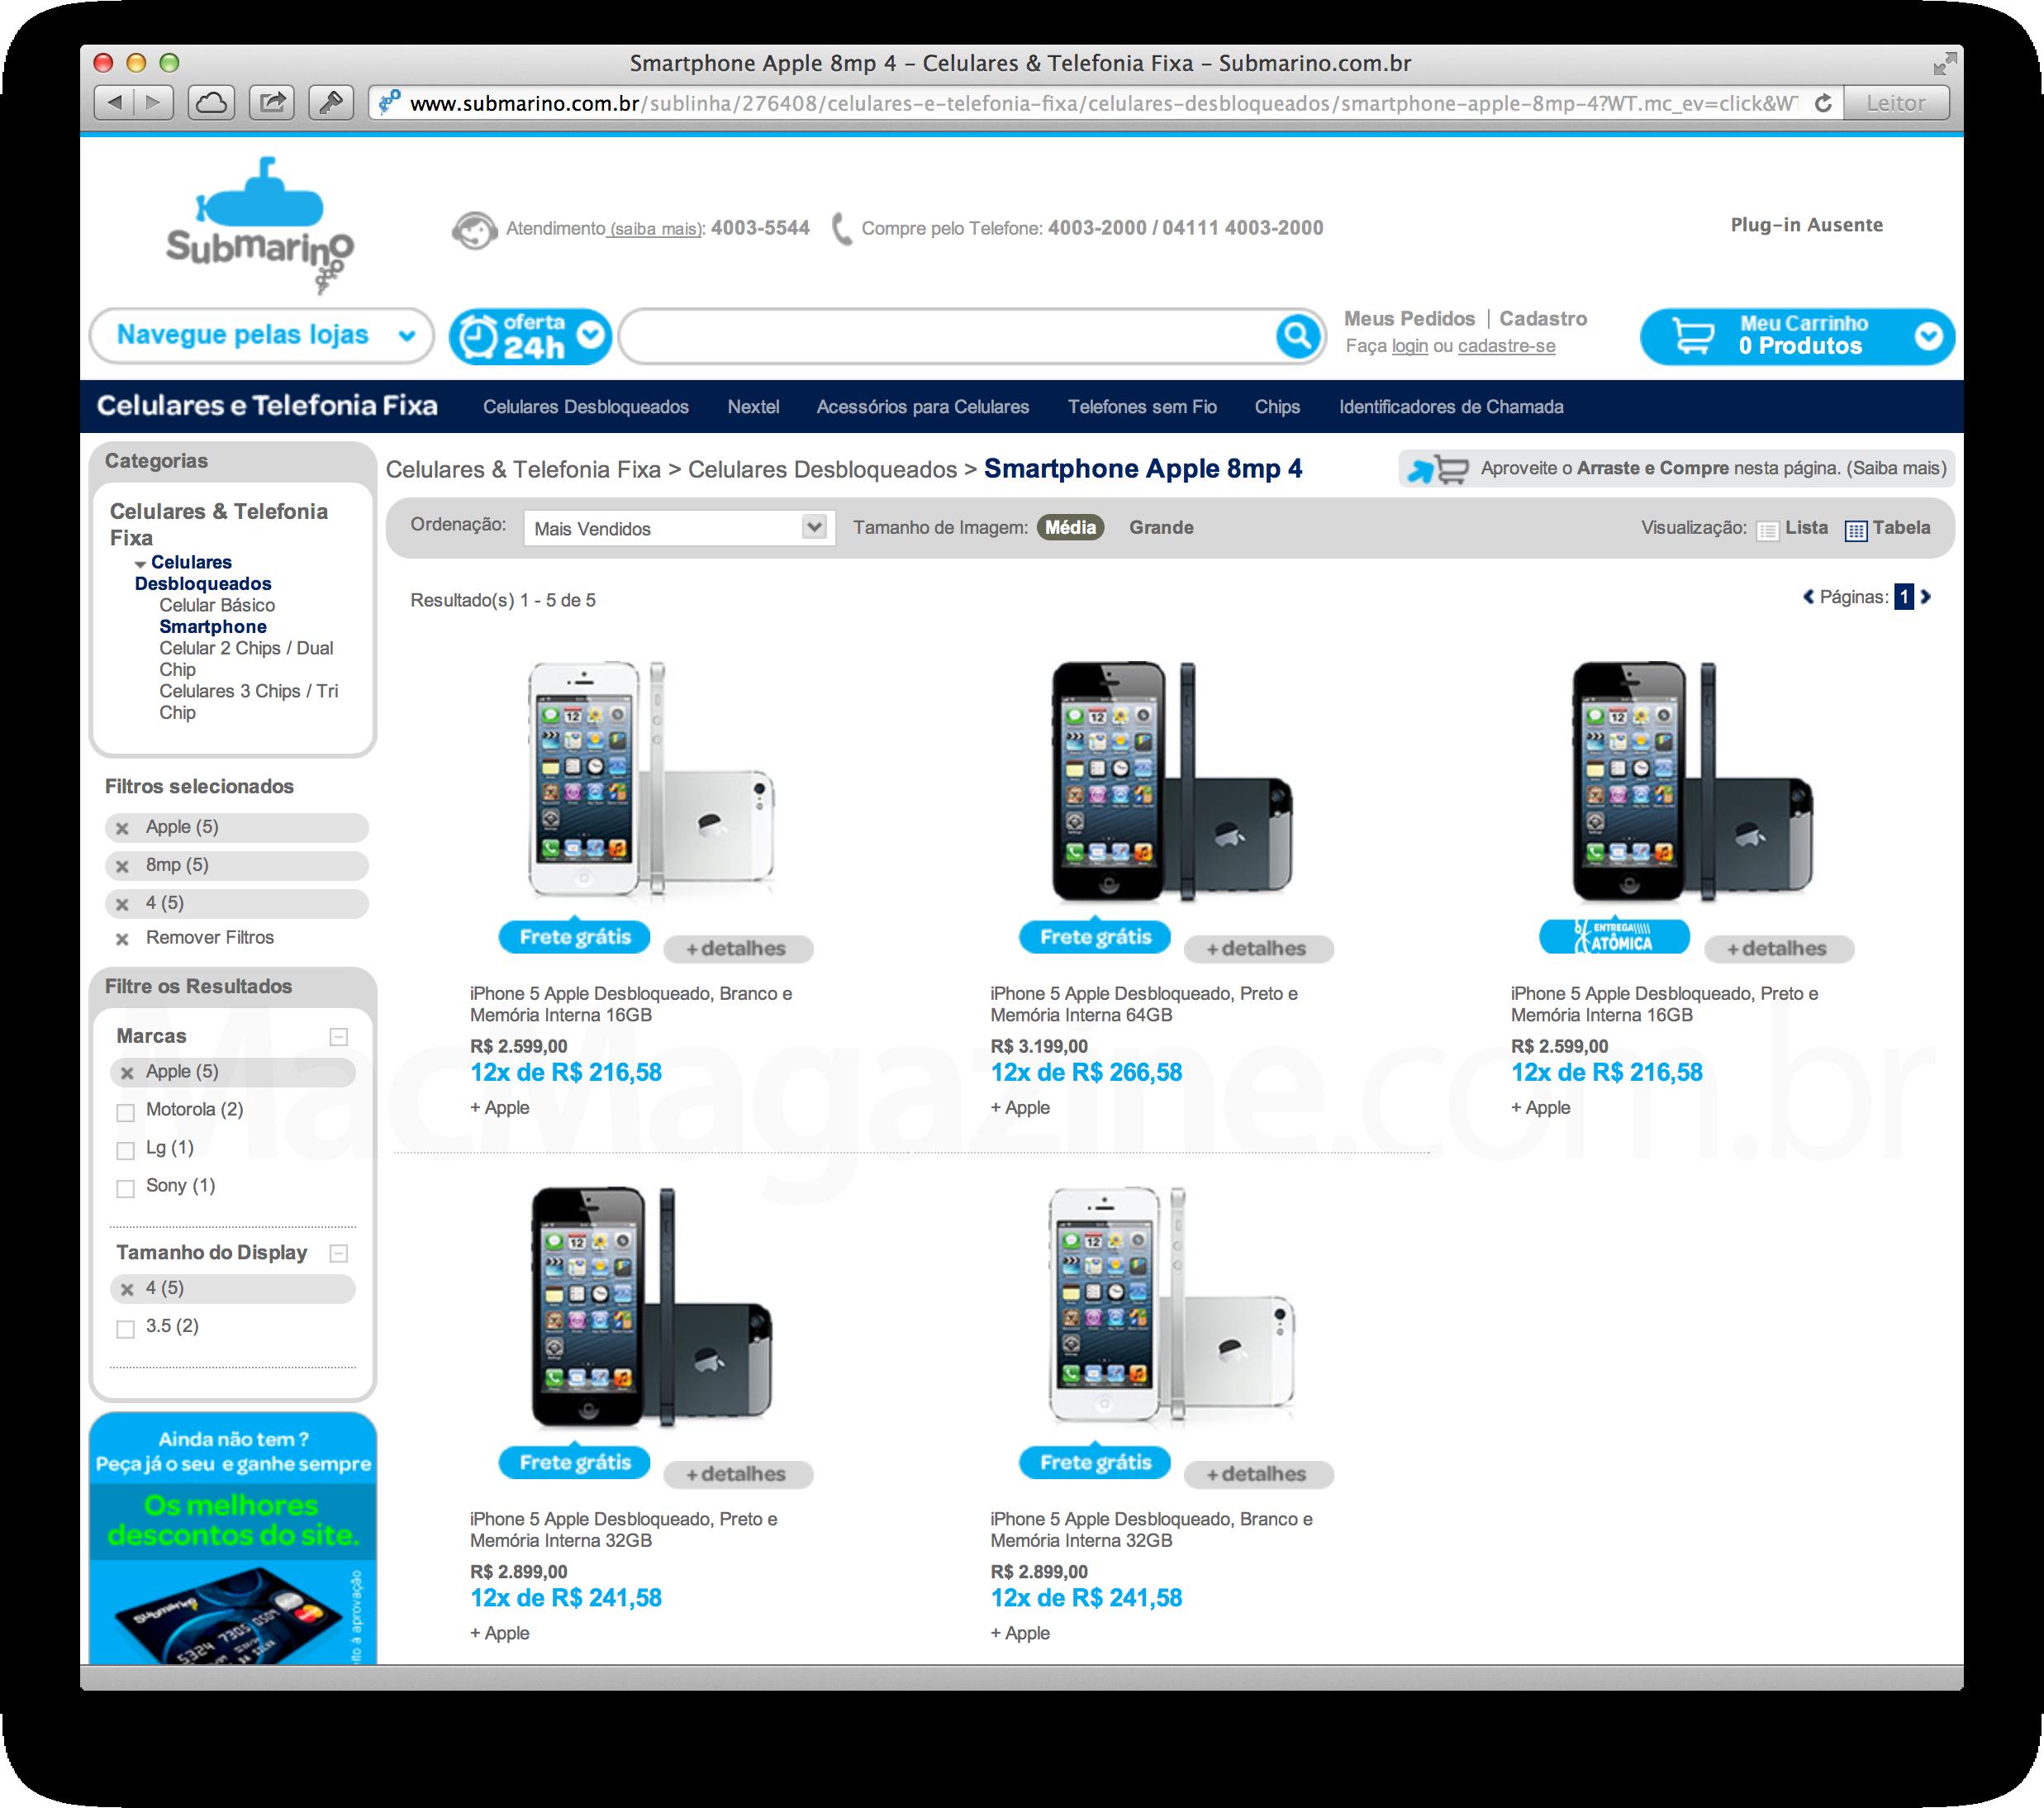 Submarino vendendo iPhones 5